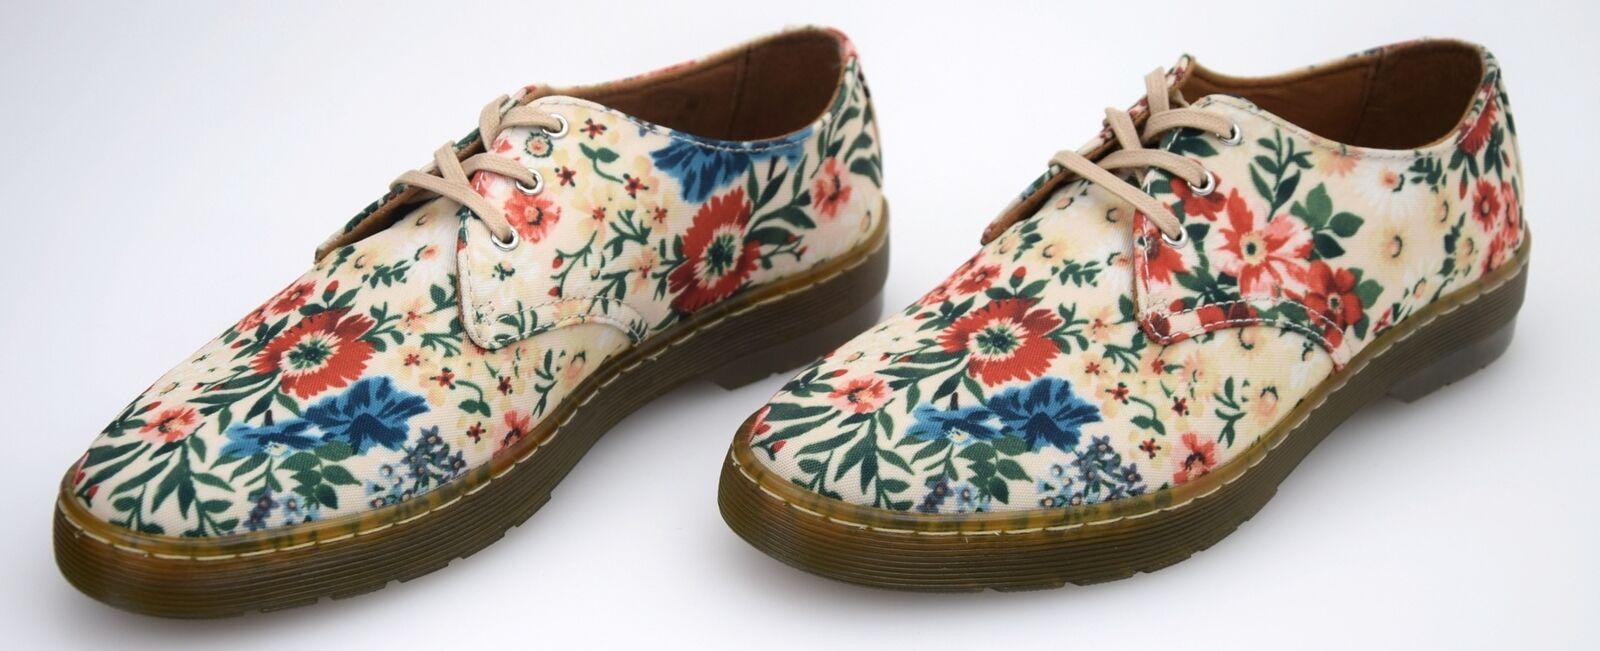 Dr. Martens Femme Classique des Derby Formelle chaussures code Gizelle 21122273